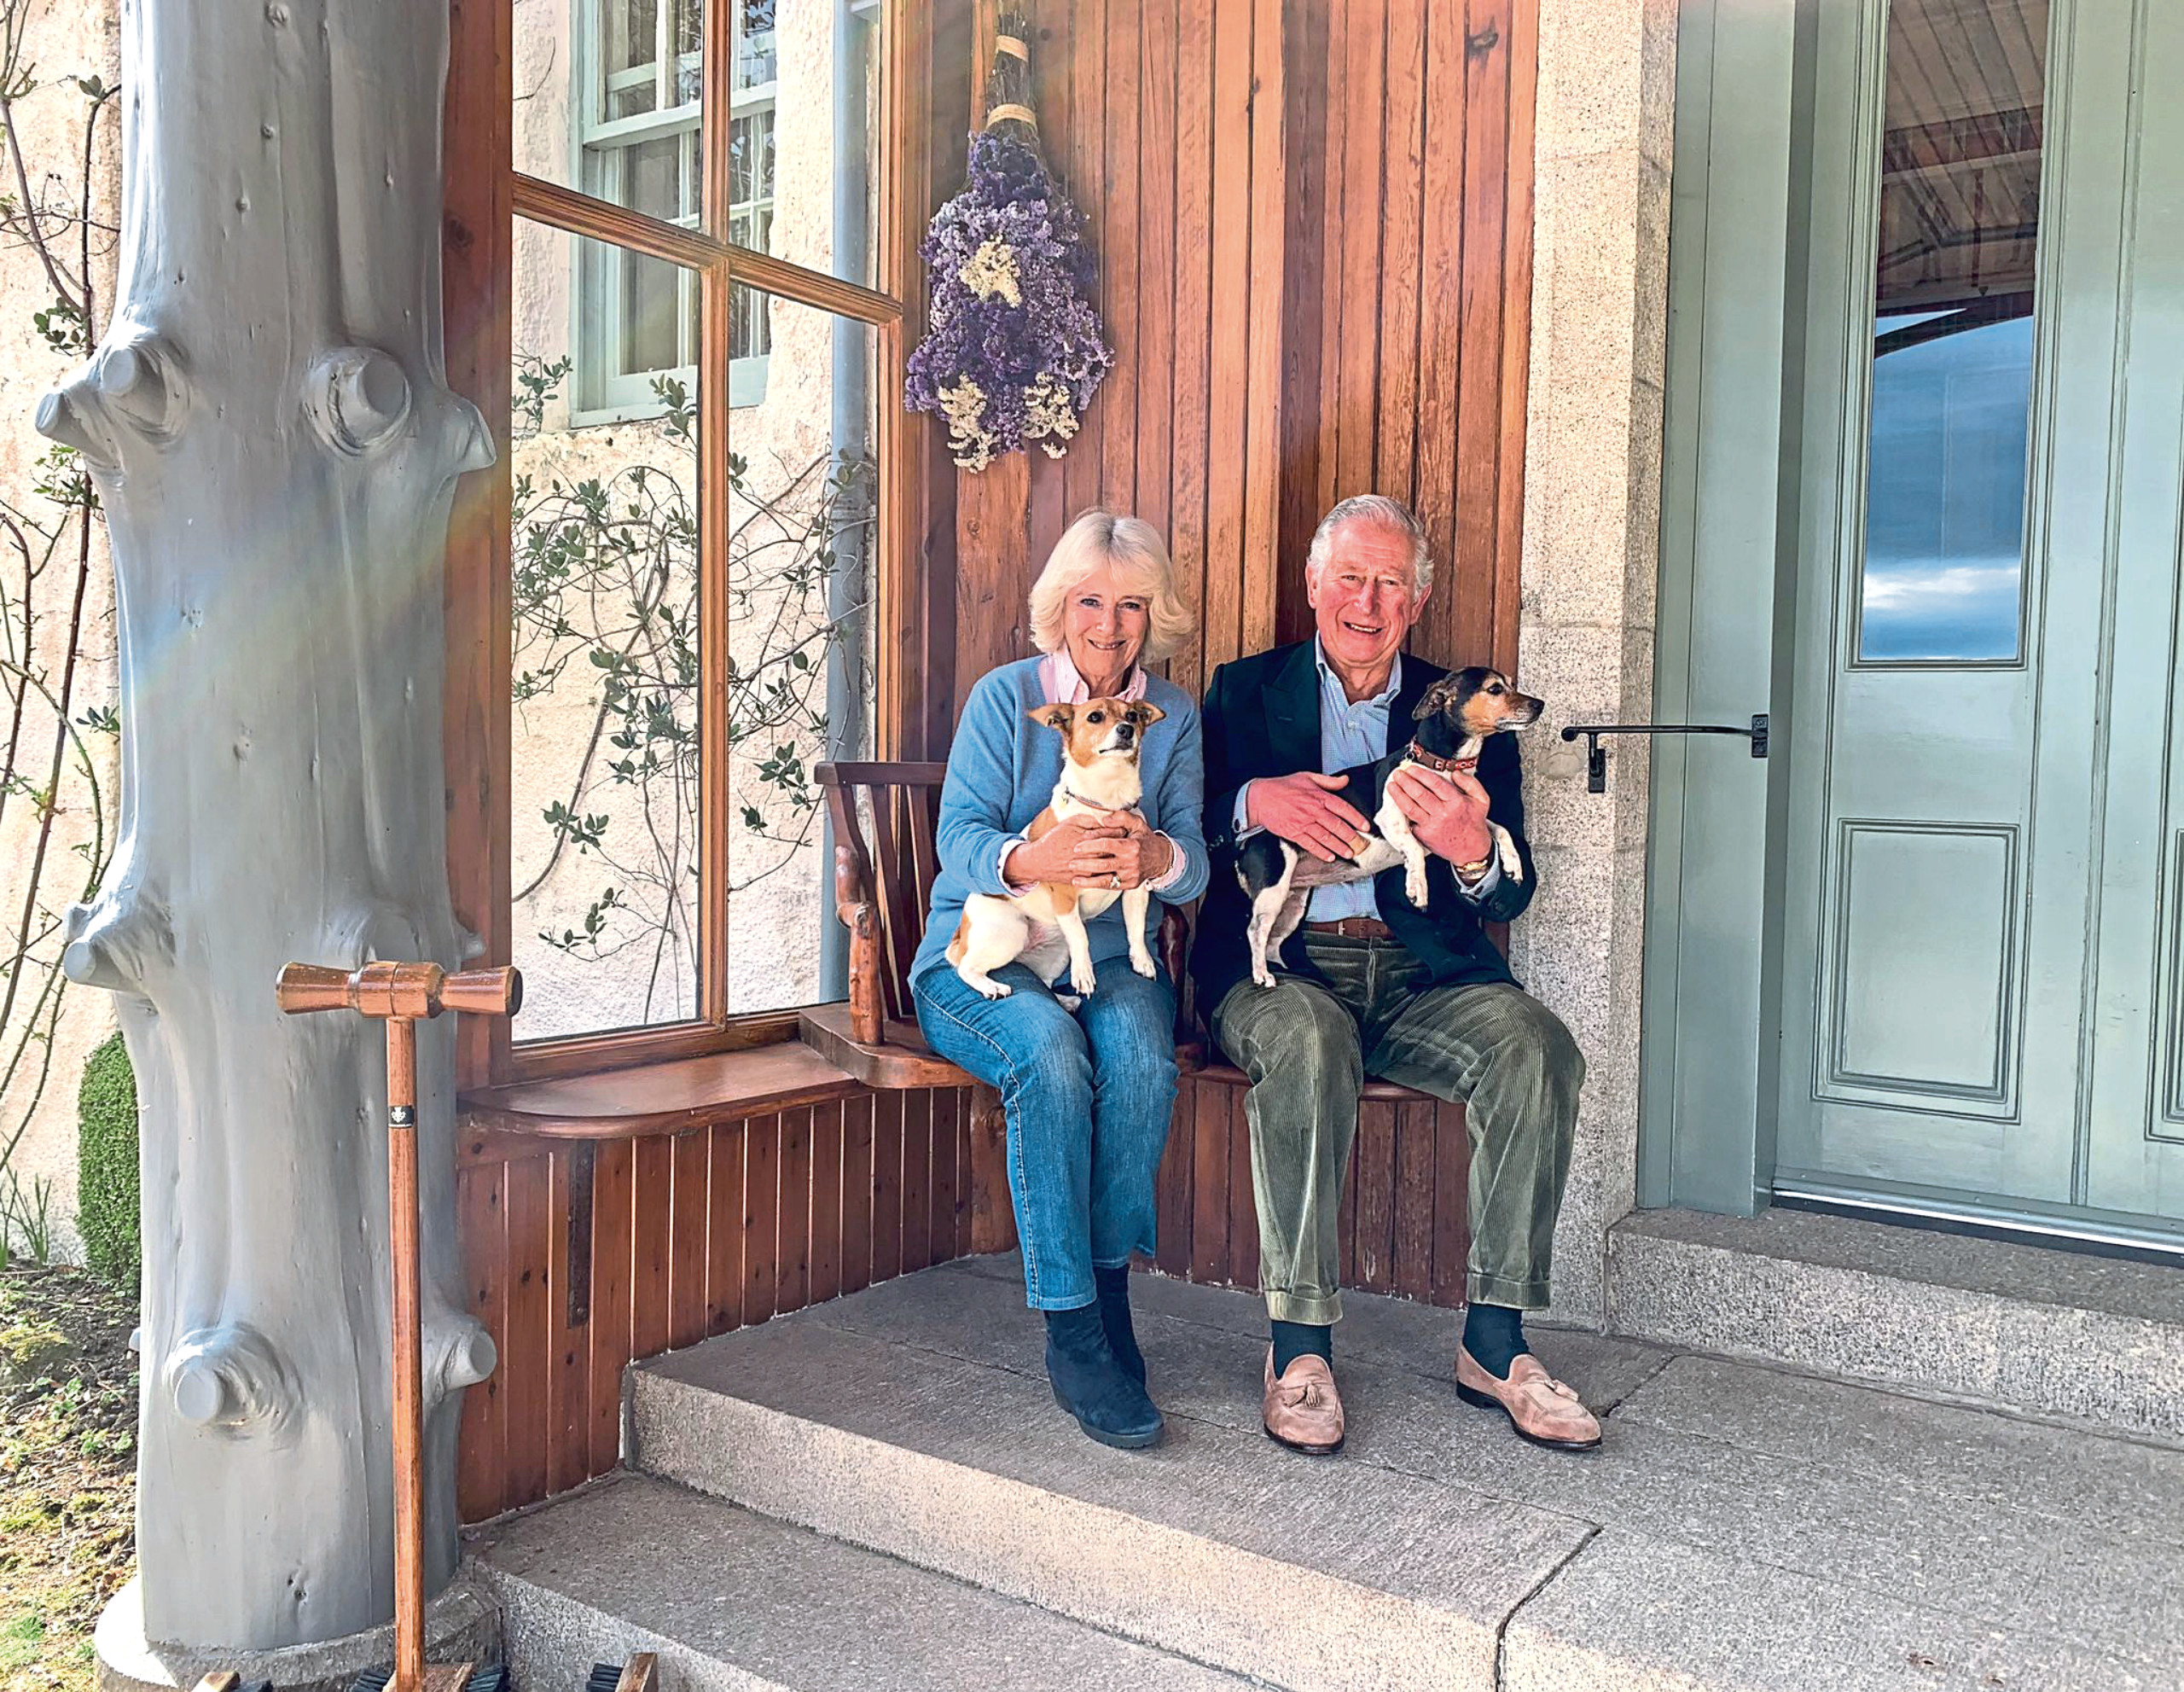 Charles and Camilla reunited at Birkhall